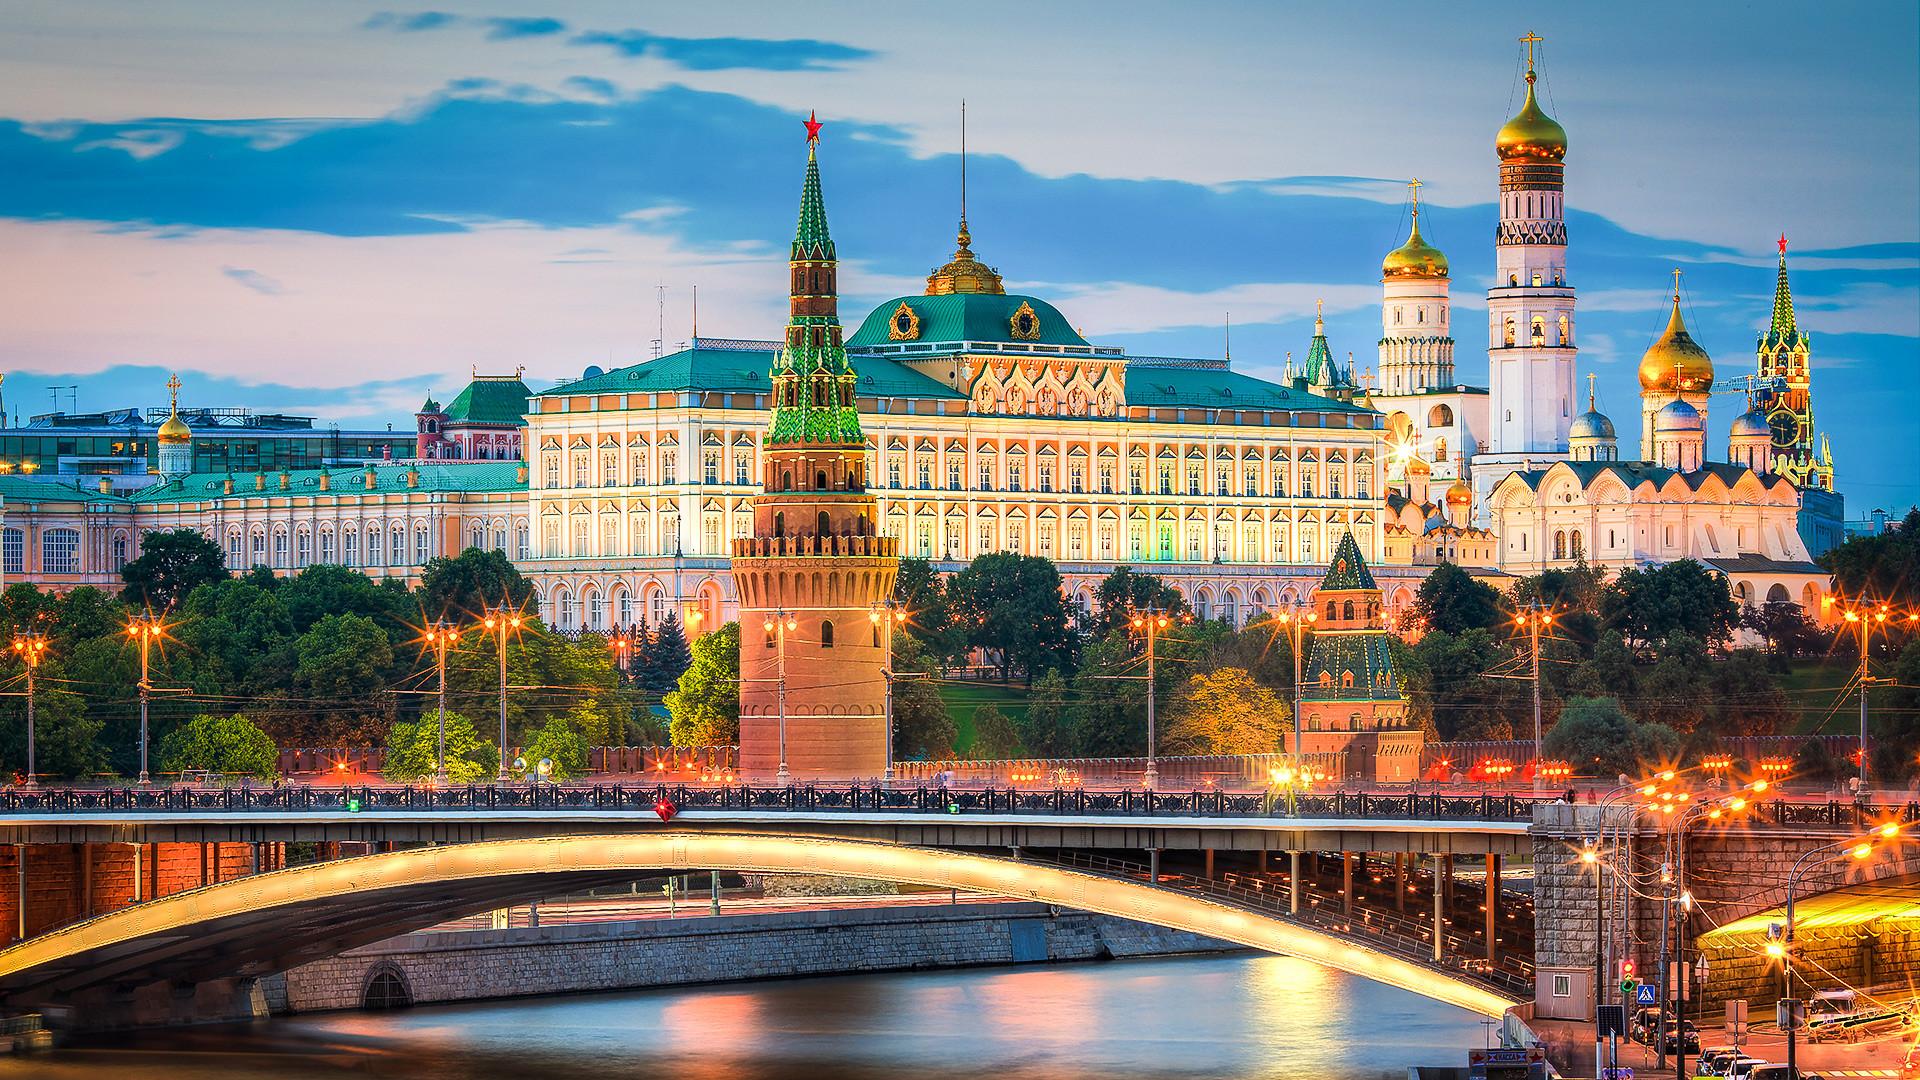 Comment le Kremlin de Moscou est devenu le symbole du pouvoir ...